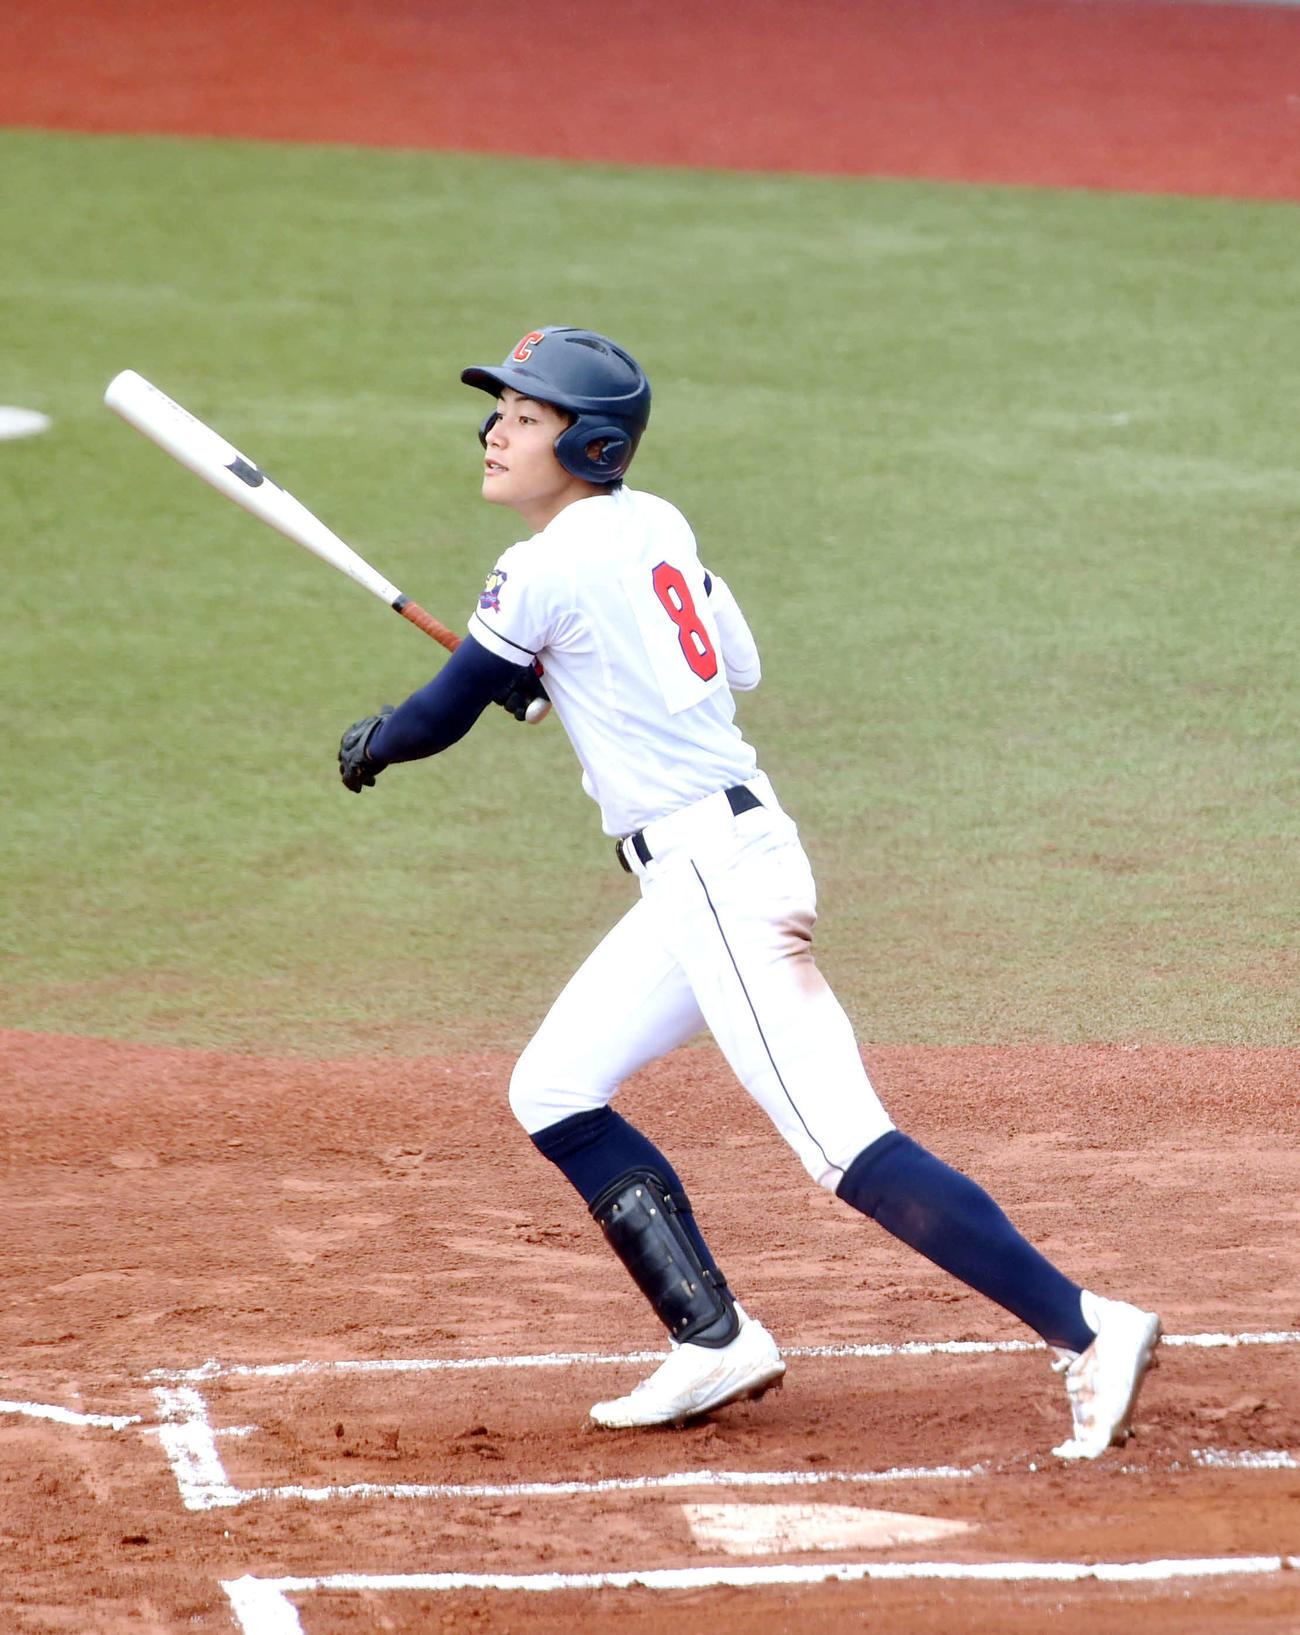 大崎中央対松島 6回表大崎中央無死、左翼線に二塁打を放つ麦谷(撮影・相沢孔志)